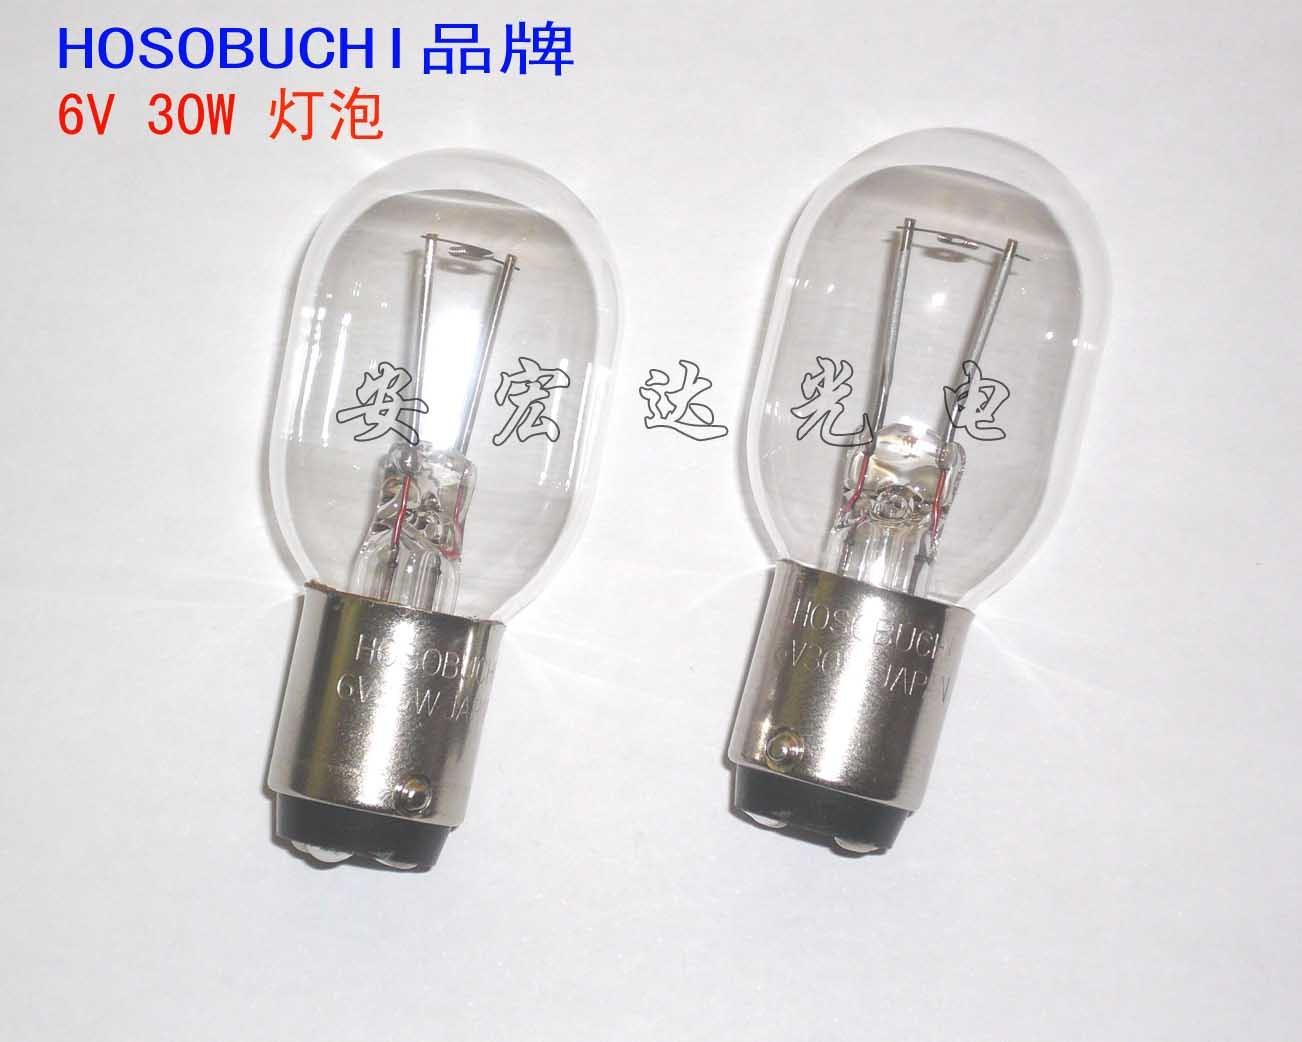 Sale New Arrival Transparent Tungsten Halogen Lamp Lampara Piloto ... for Tungsten Halogen Lamps  575lpg